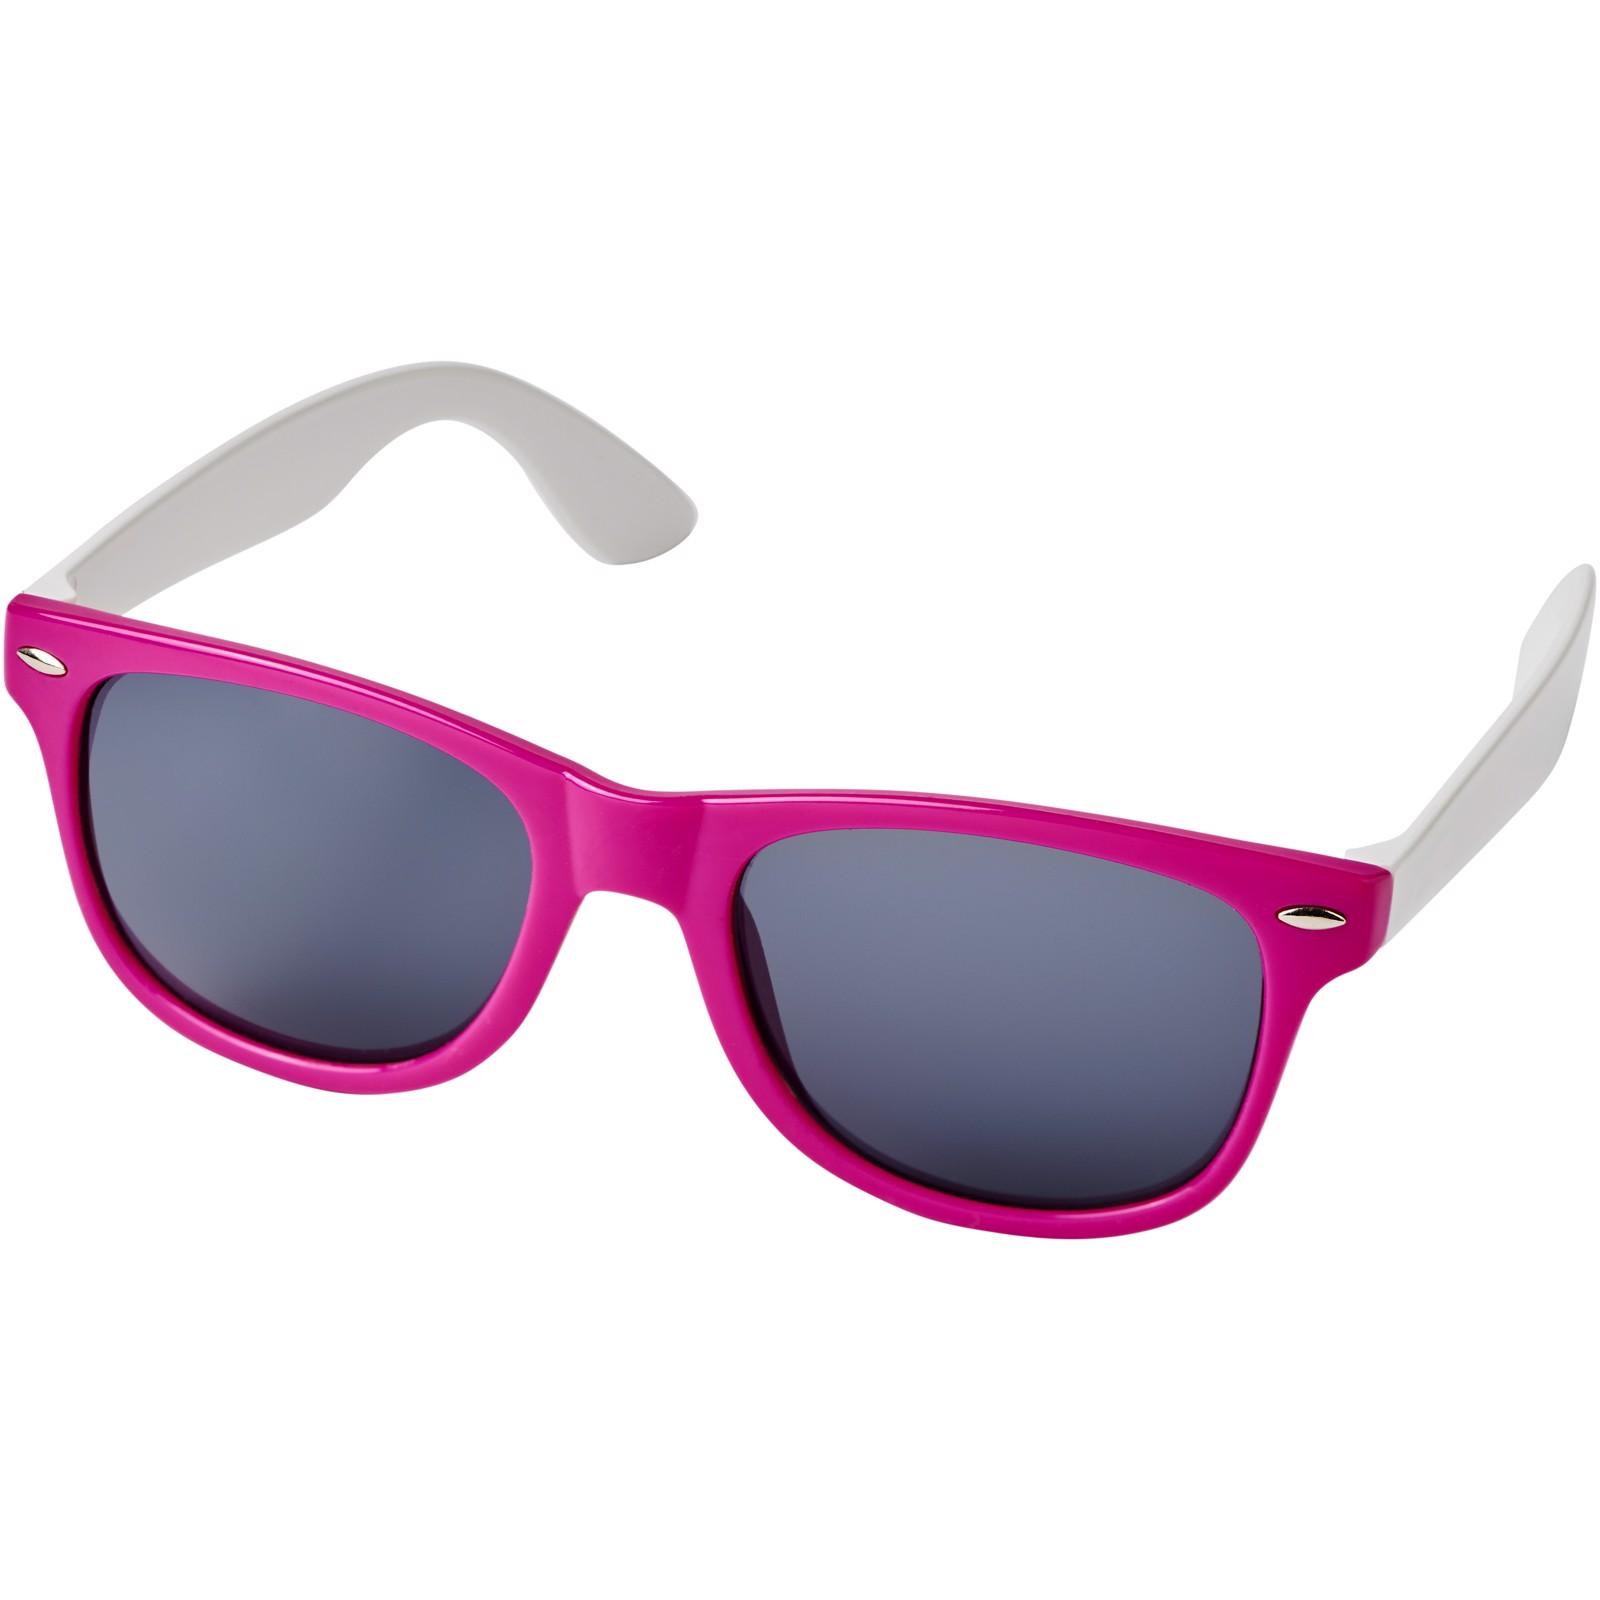 Sun Ray colour block sunglasses - Magenta